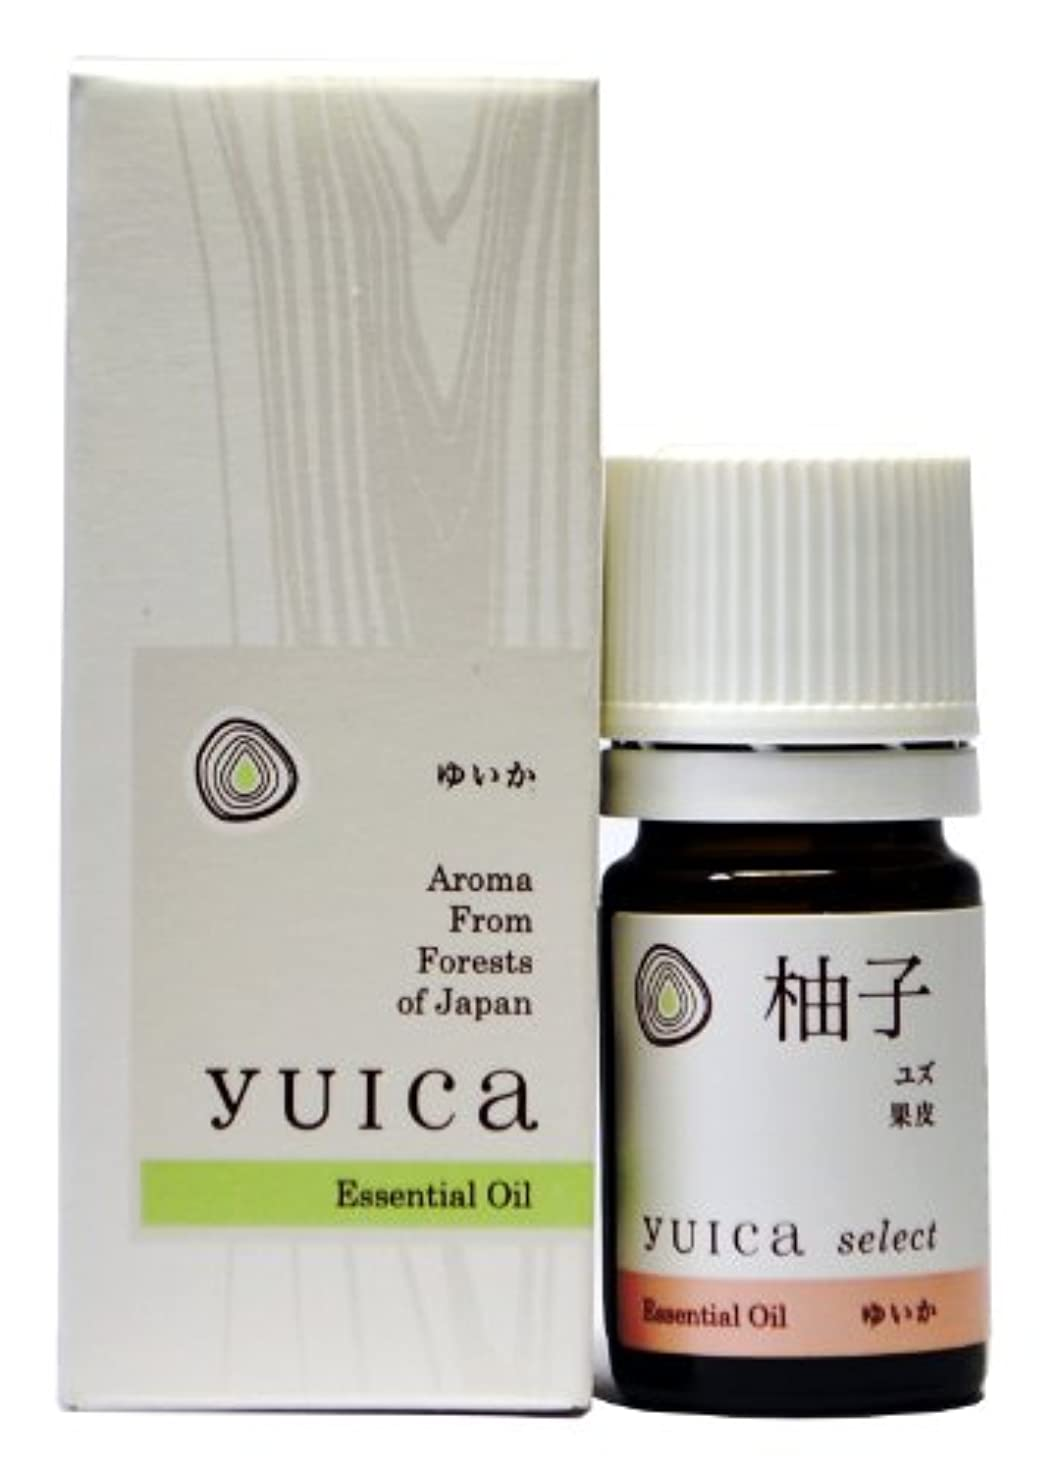 防ぐシュリンク瀬戸際yuica select エッセンシャルオイル ユズ(果皮部) 5mL